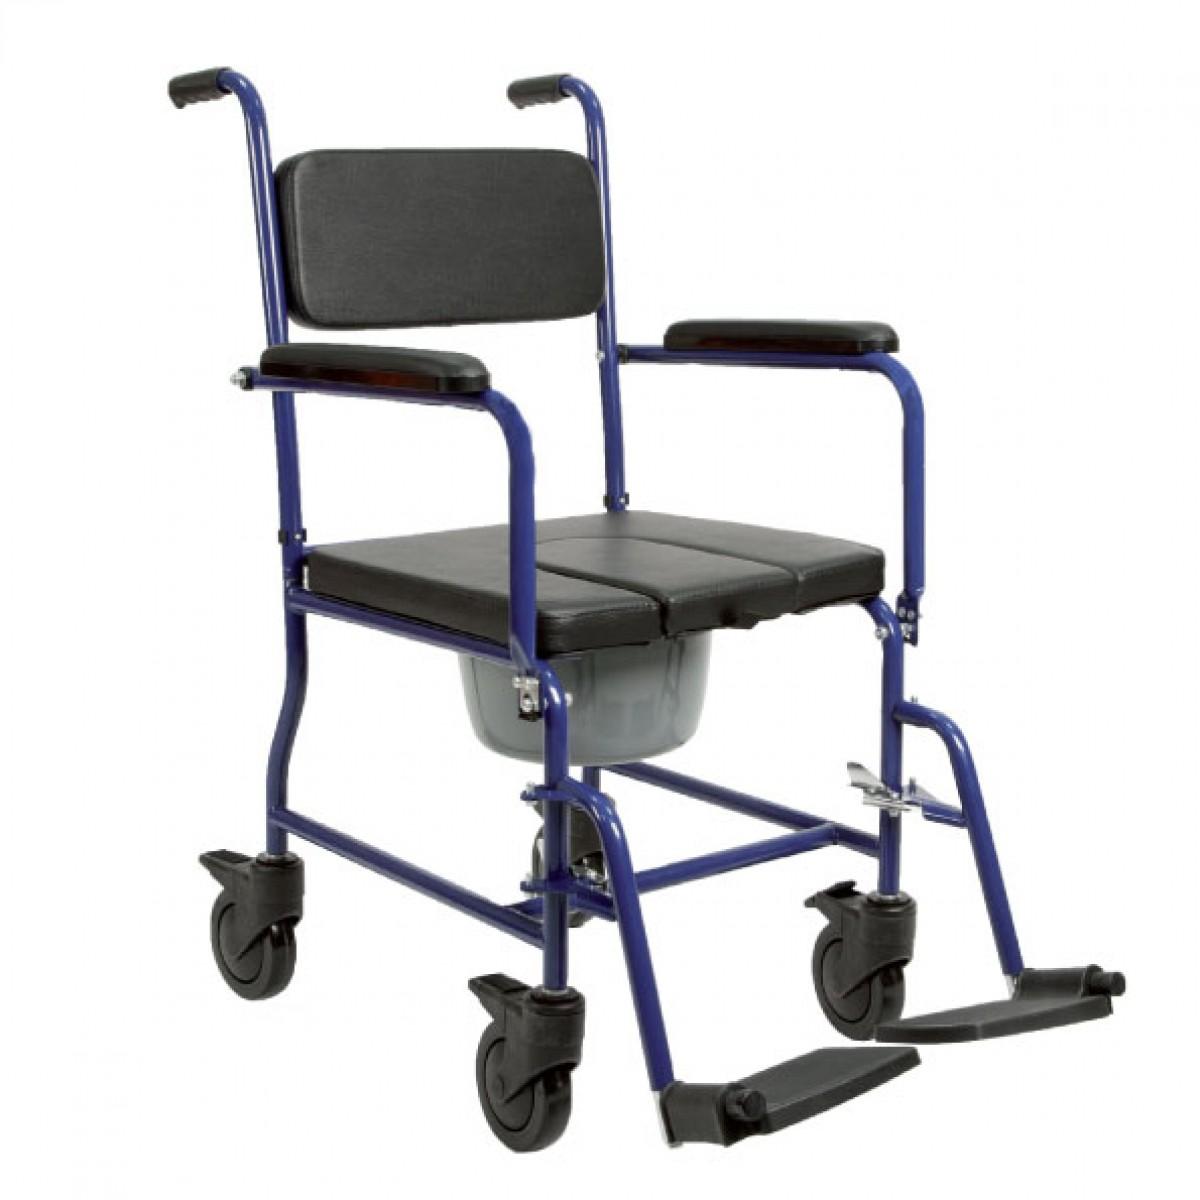 Sedia comoda sedie comode carrozzine e comode for Sedia design comoda